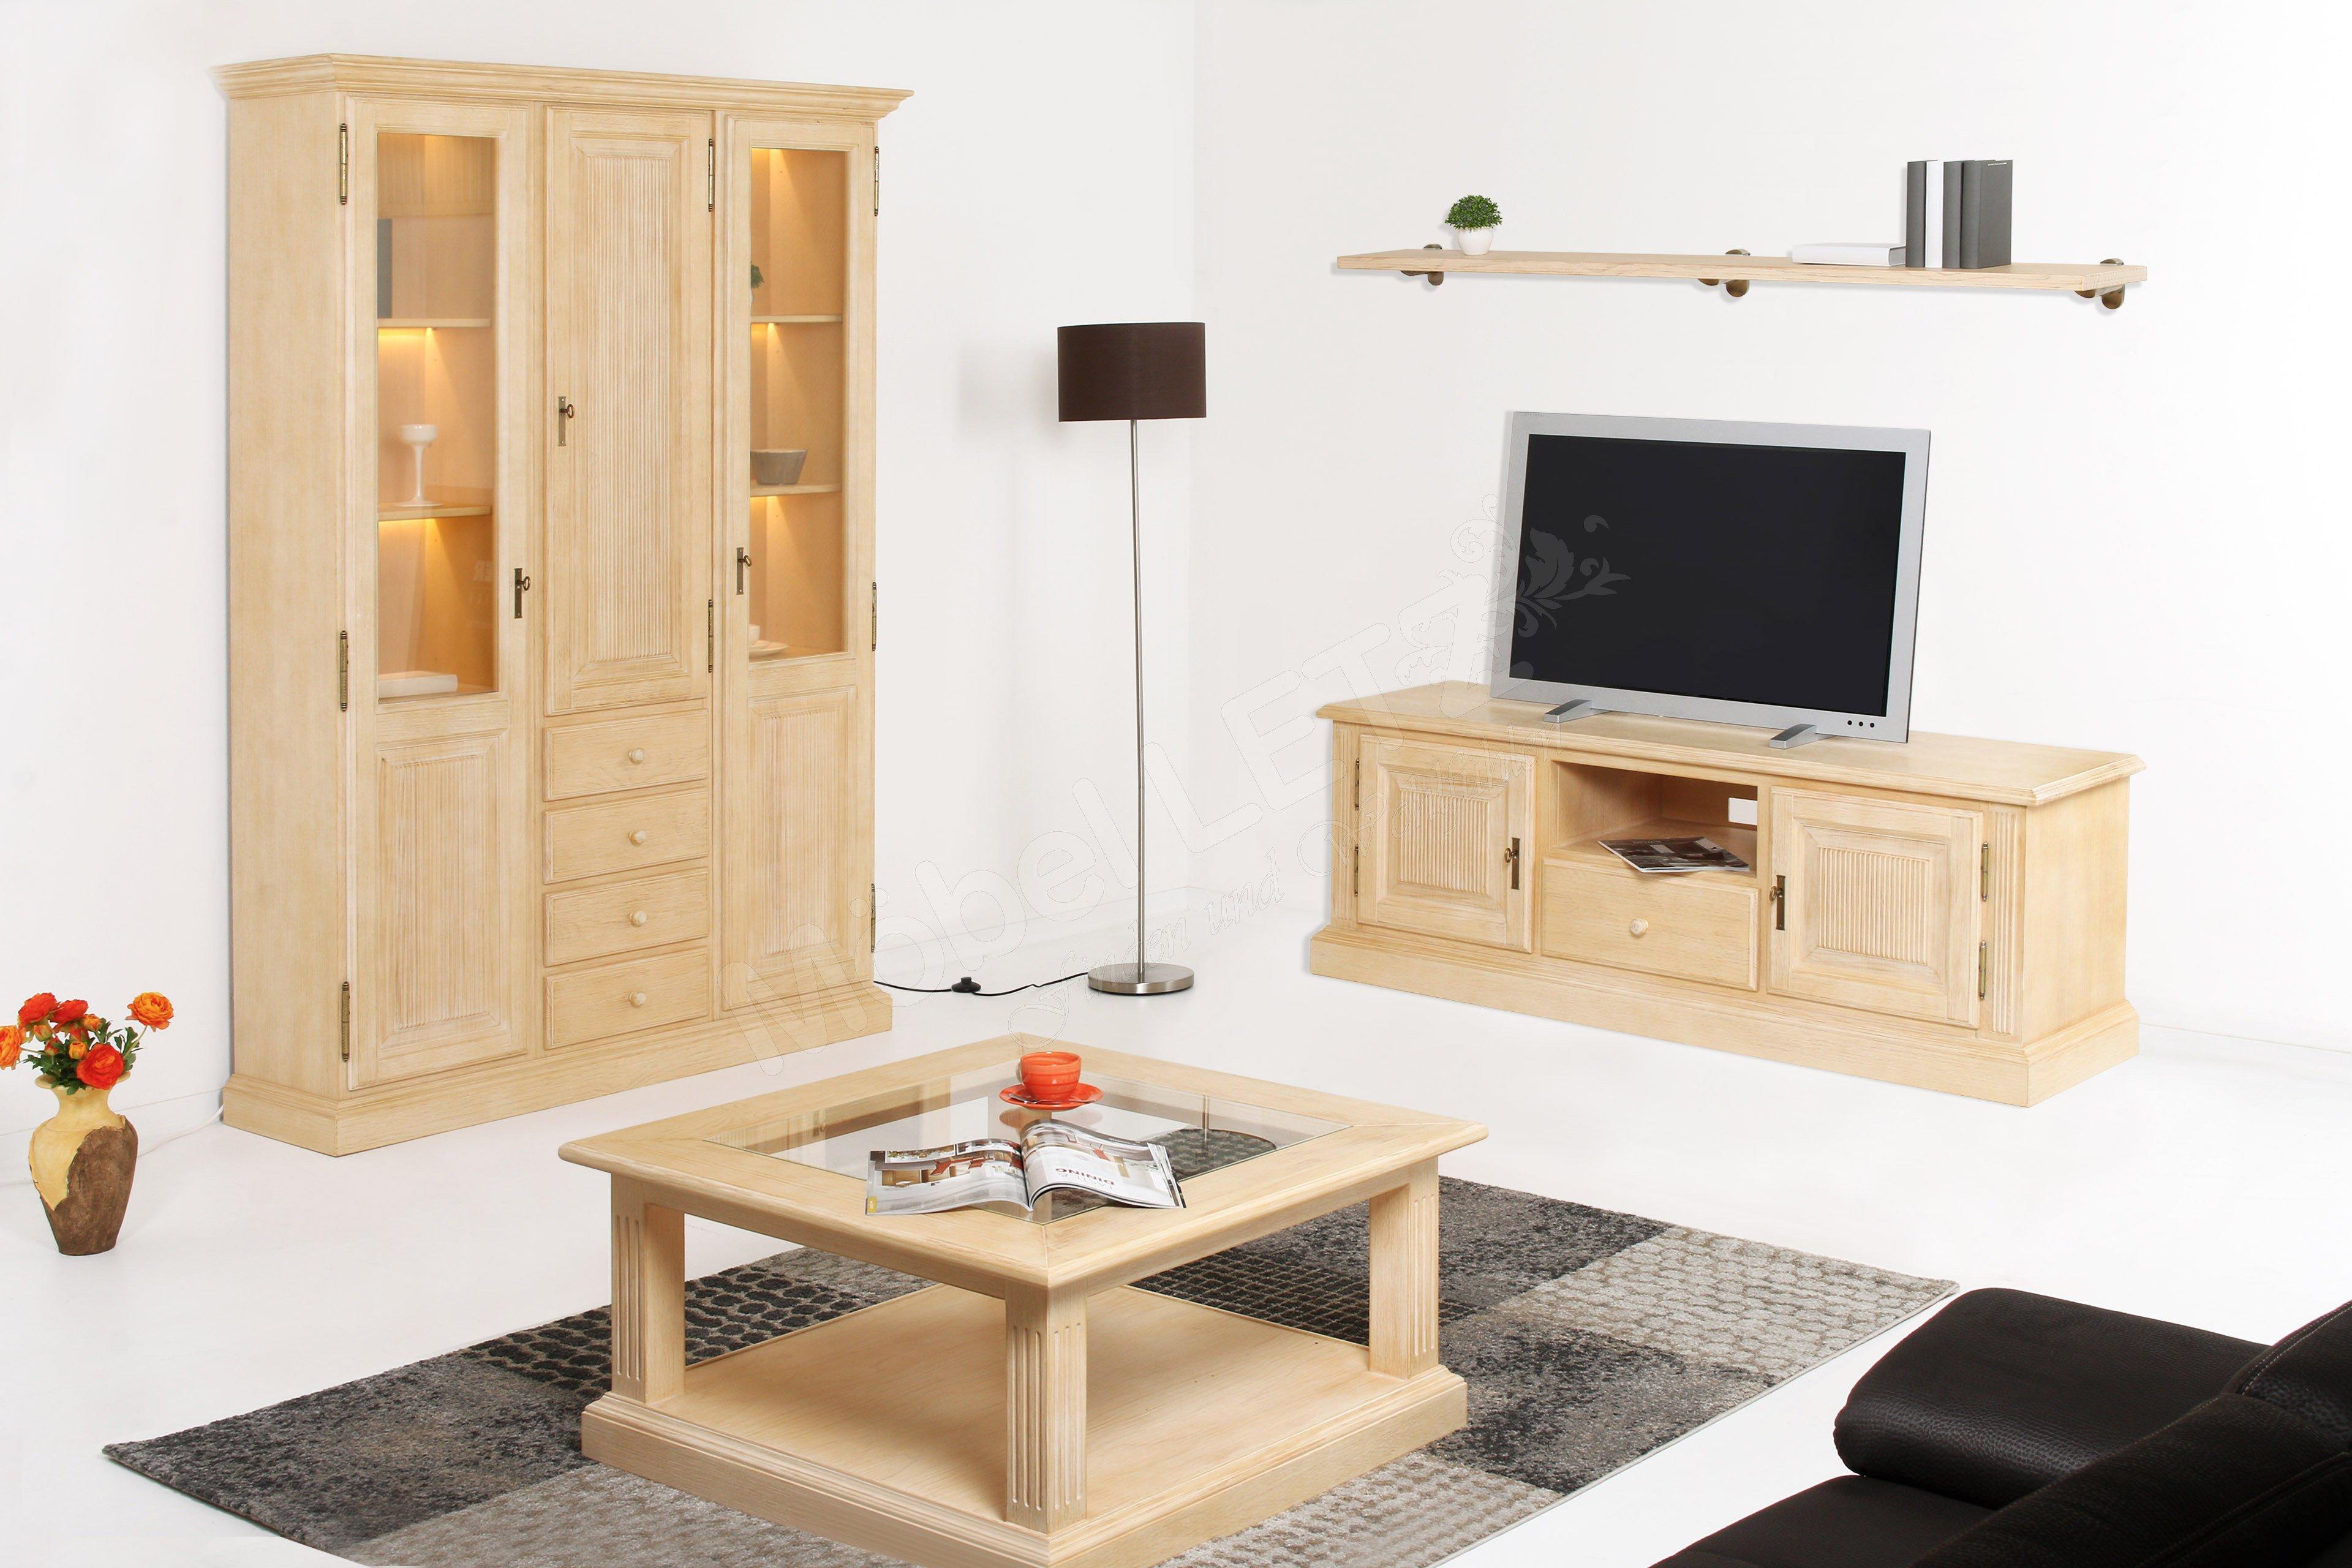 rojas mobiliario wohnwand cadiz pinie natural decap m bel letz ihr online shop. Black Bedroom Furniture Sets. Home Design Ideas